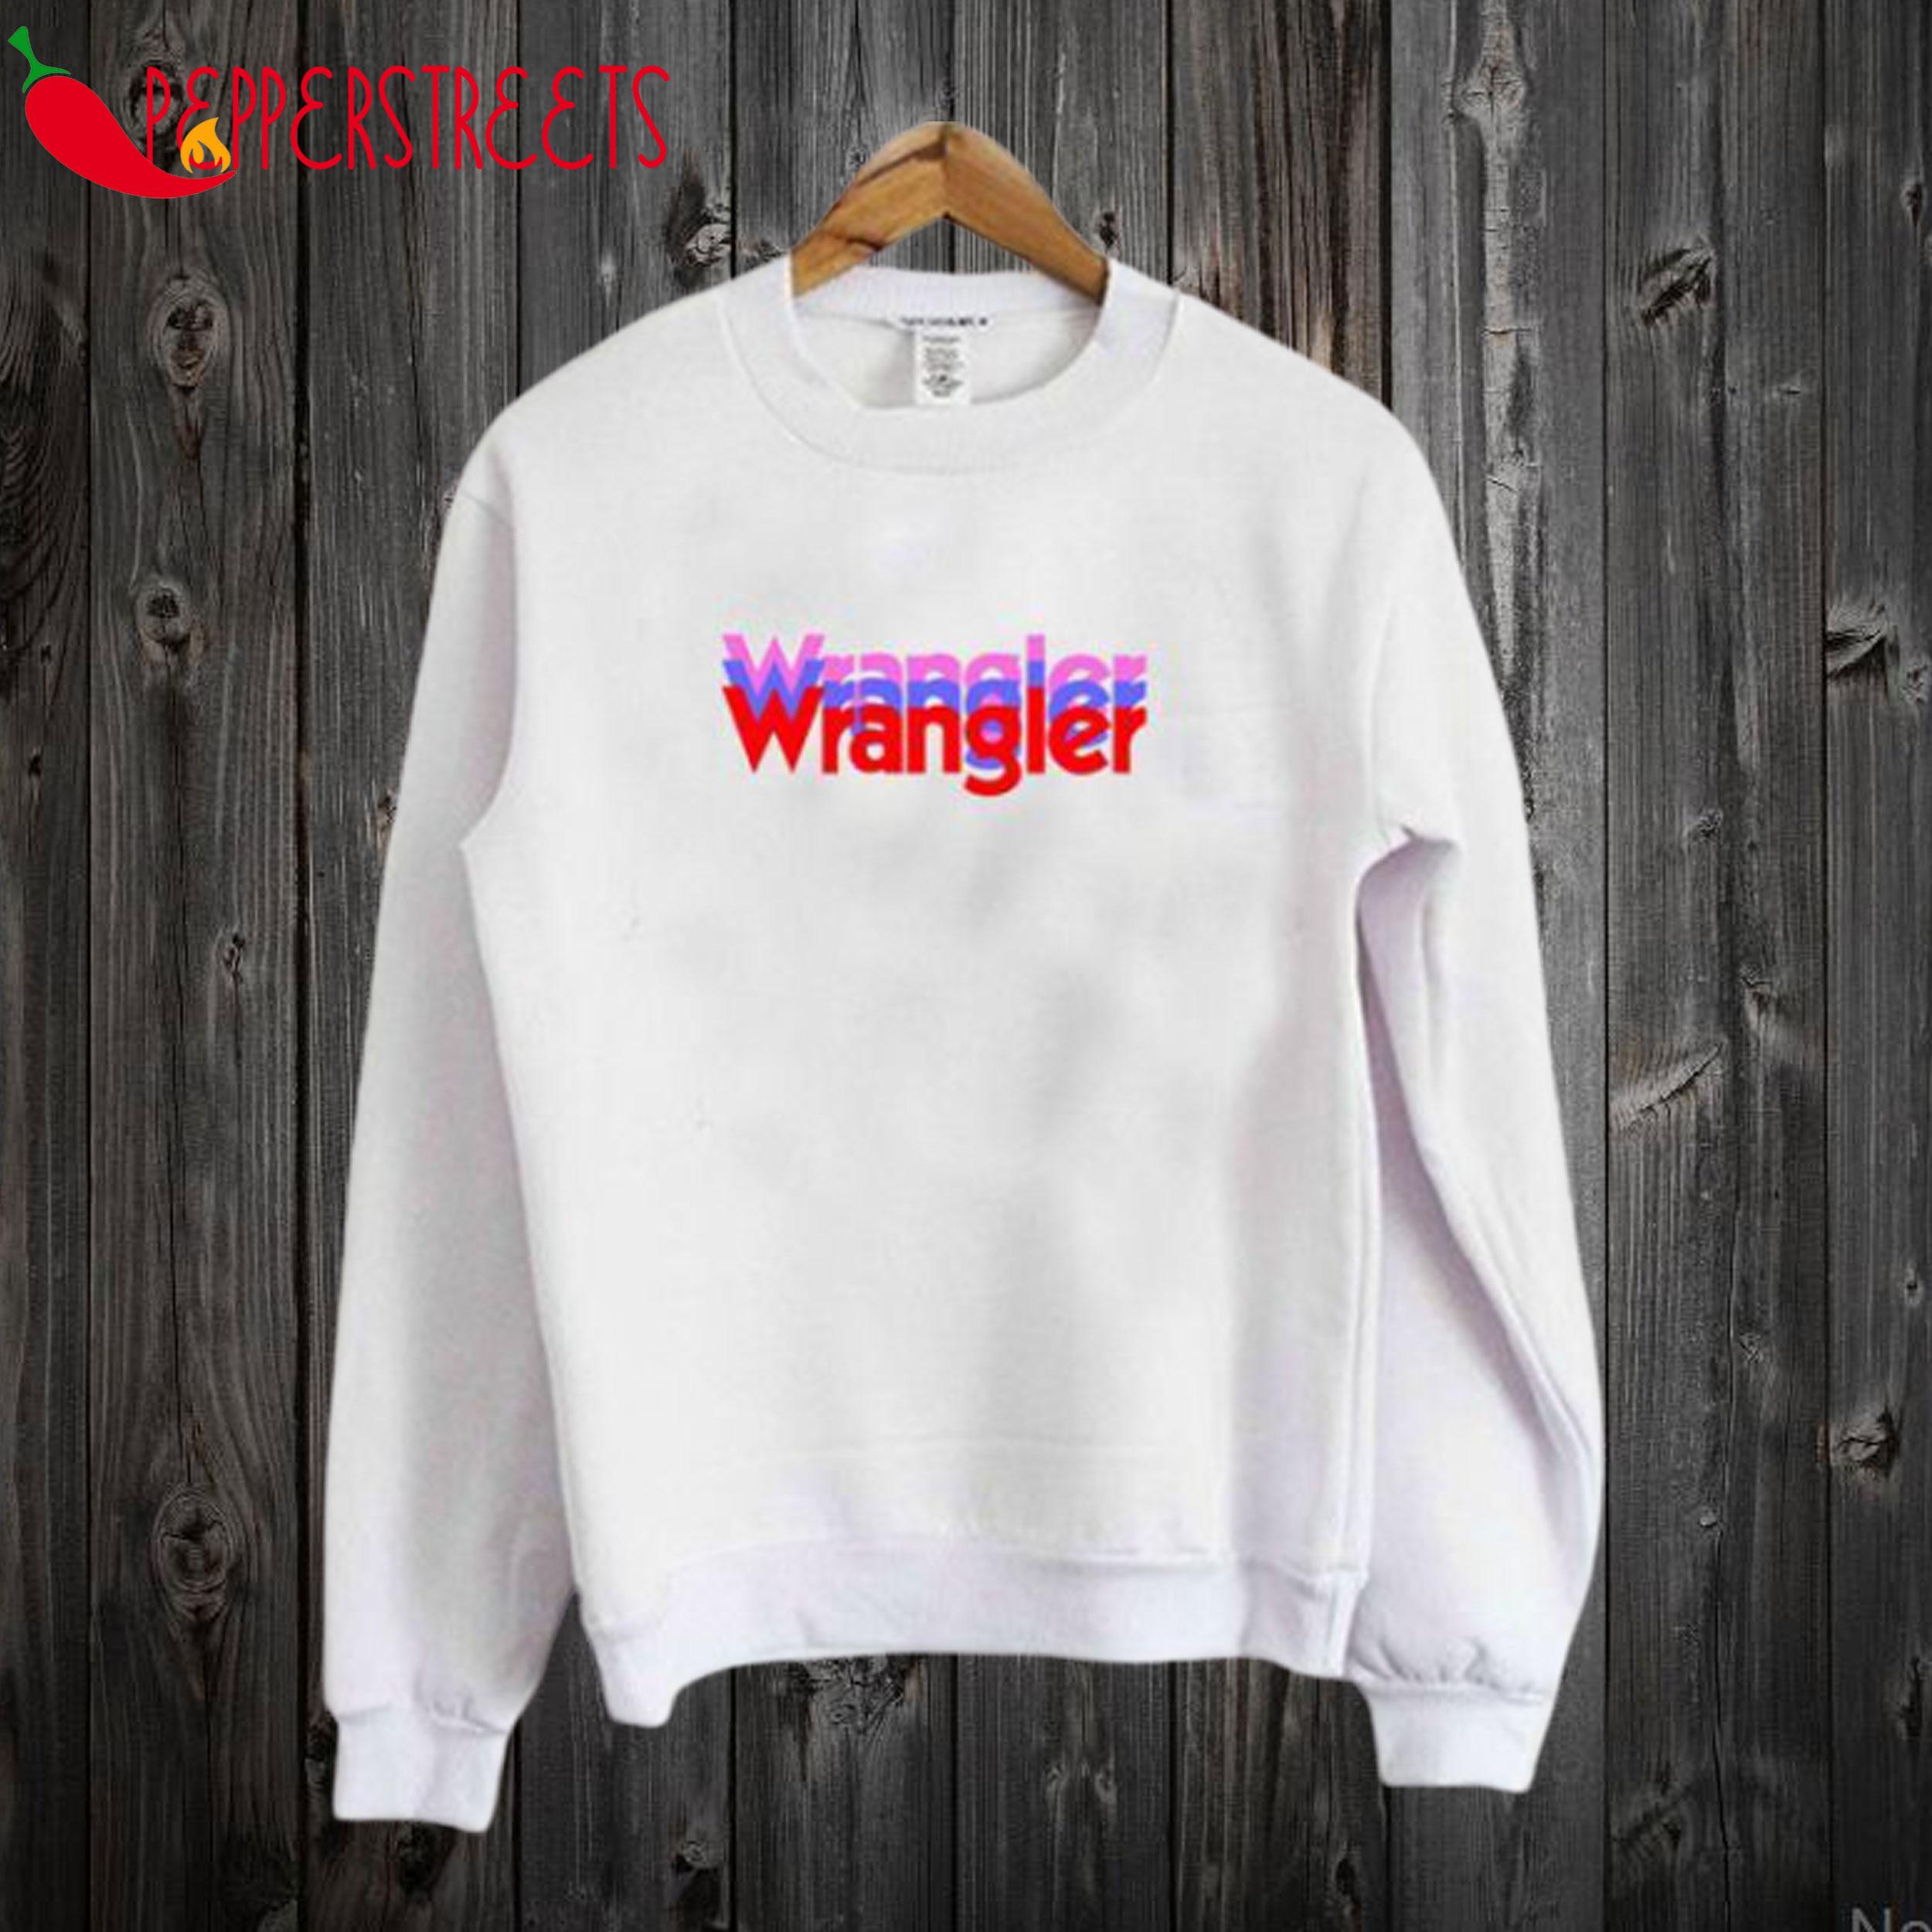 Wrangler Rainbow Sweatshirt